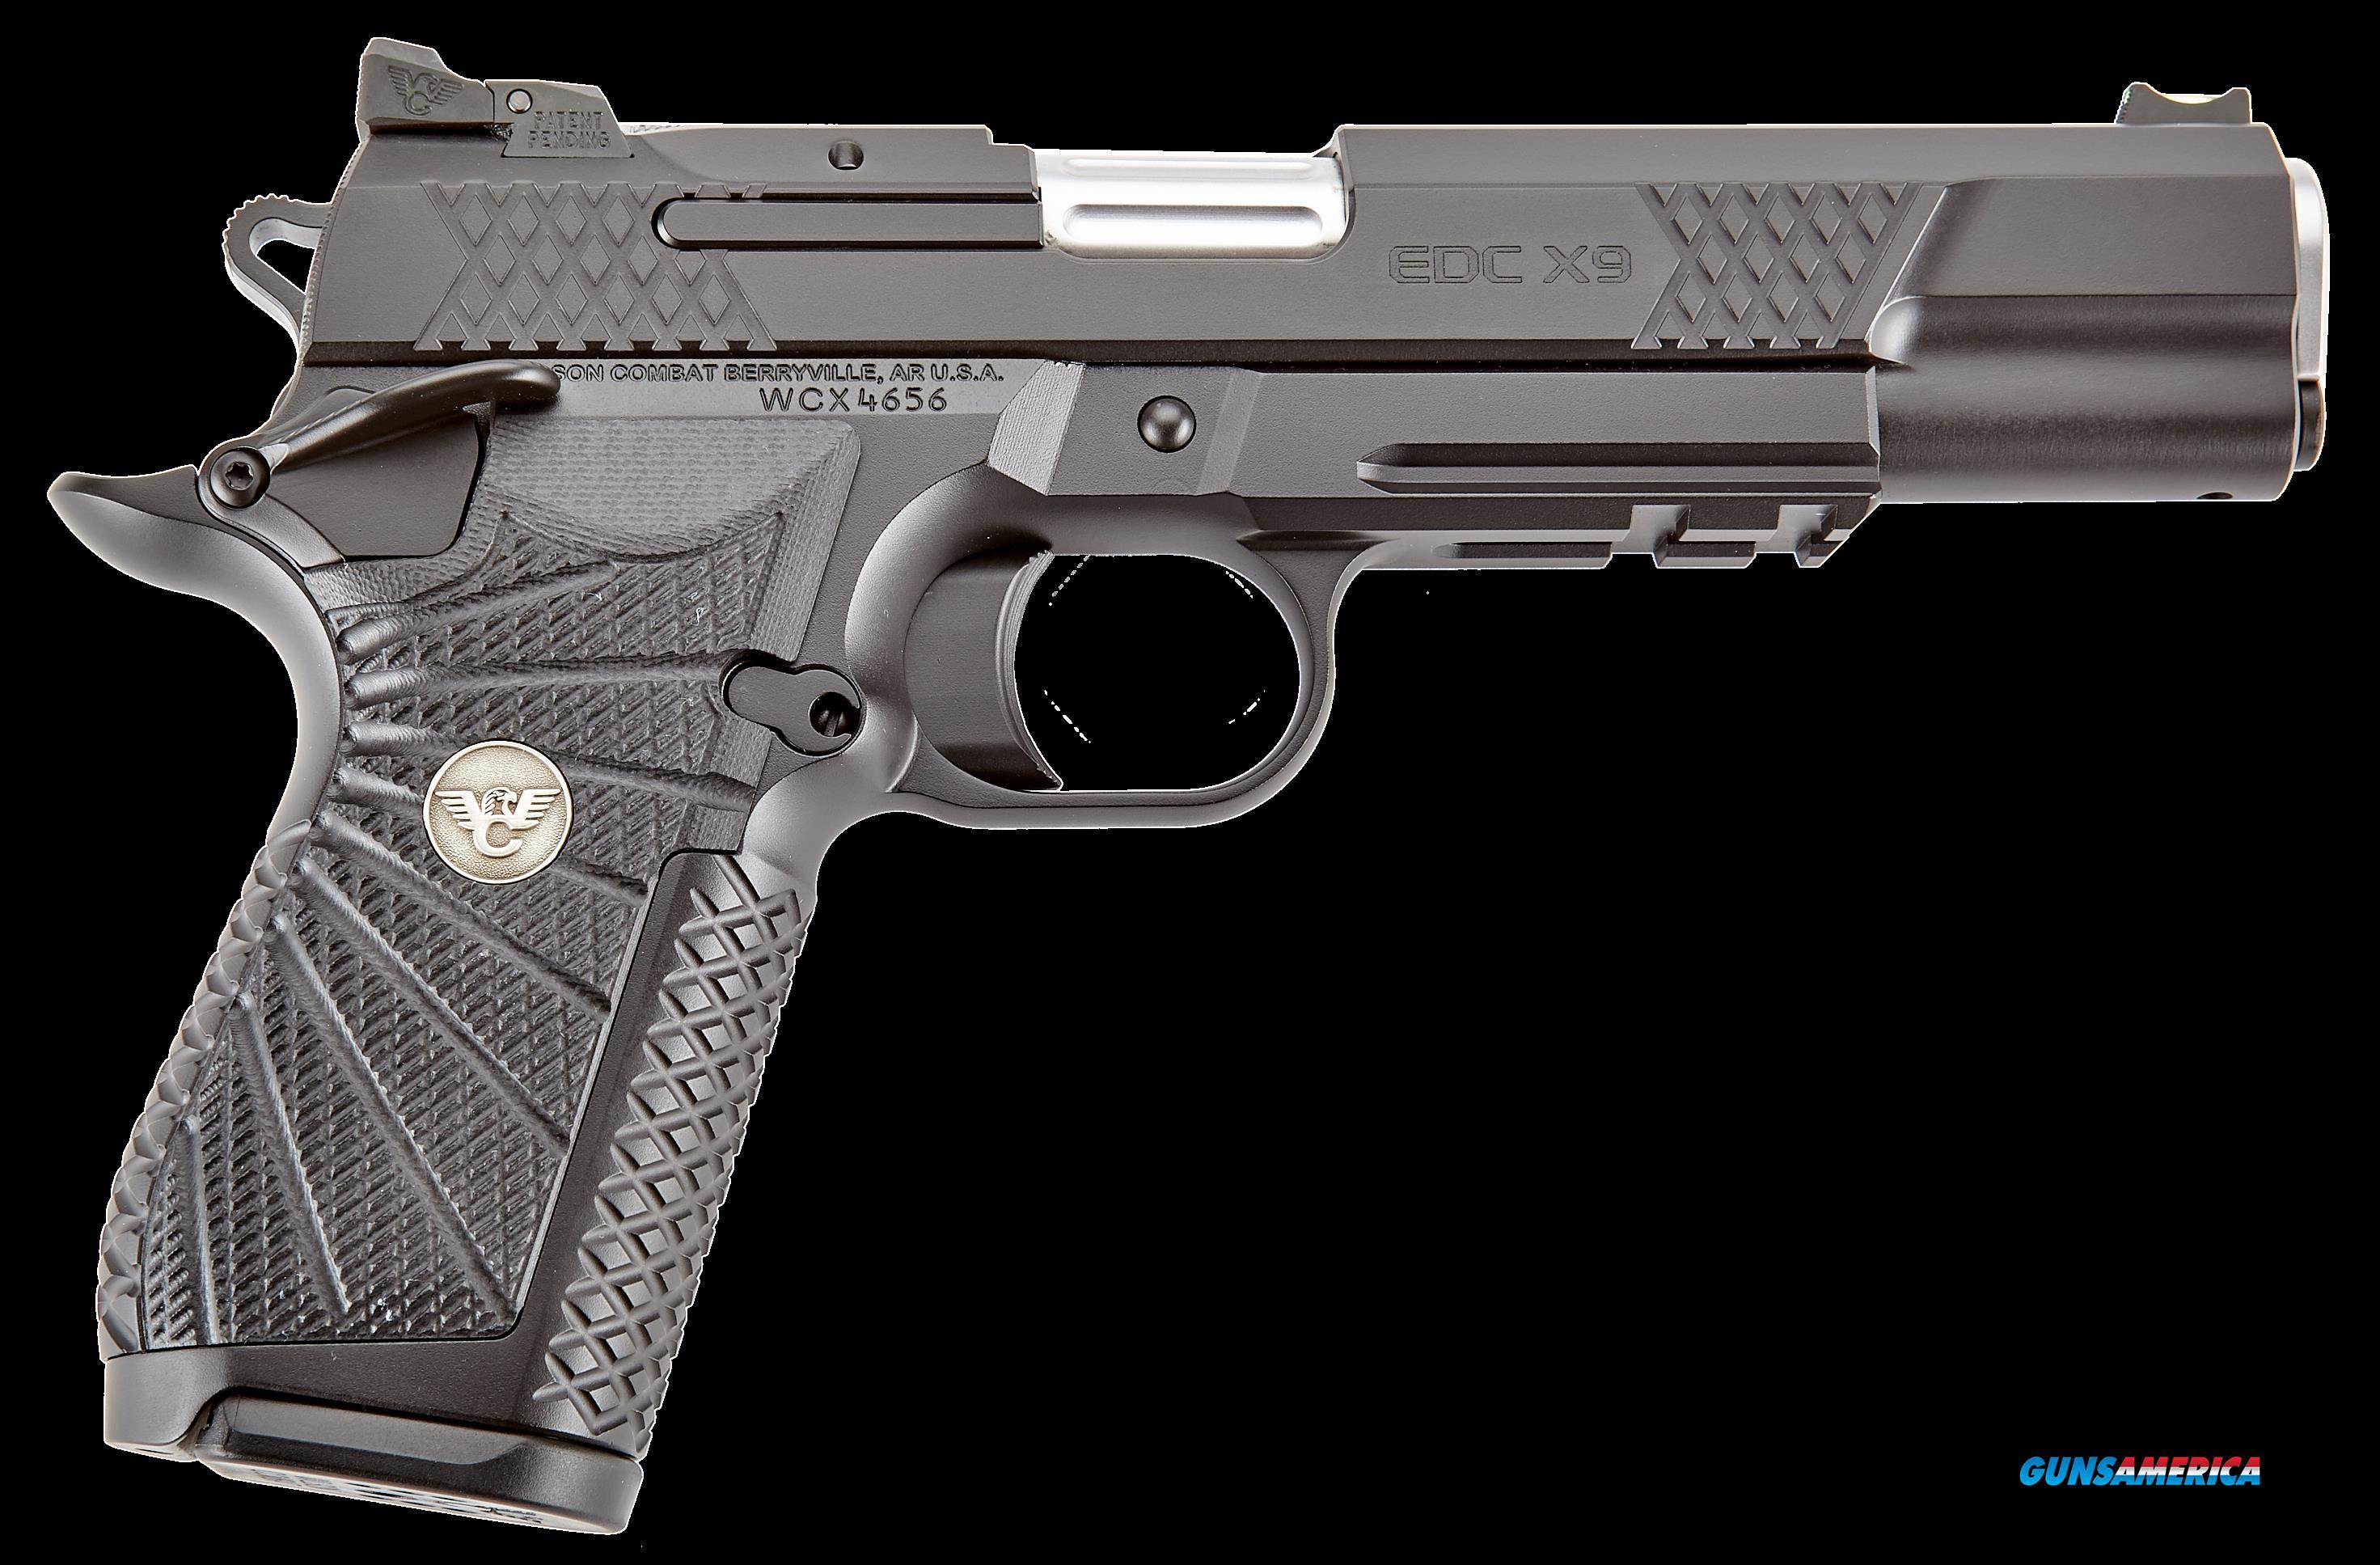 Wilson Combat Acp, Wils Acpcom9  Acp Comm  9mm   4in Blk Armor Tuff  Guns > Pistols > 1911 Pistol Copies (non-Colt)